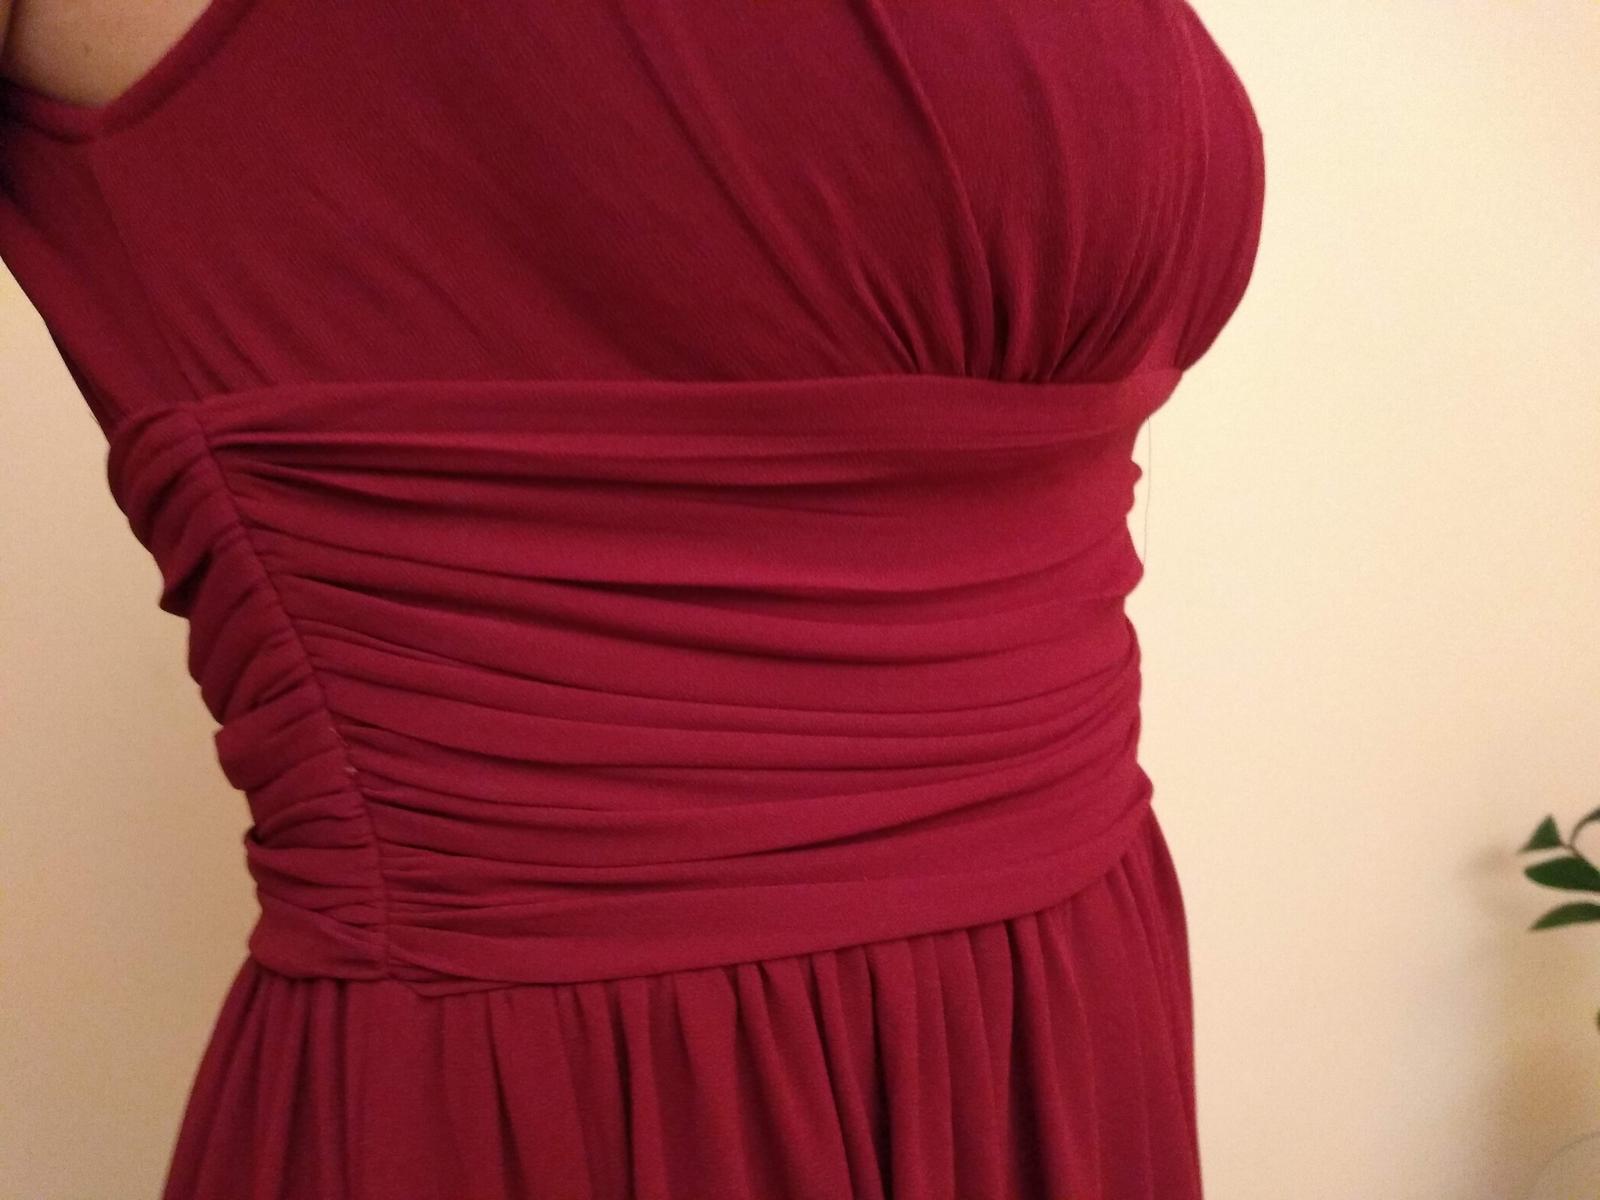 Ľahučké červenobordové šifónové šaty s krajkou - 40 7a08dac9b8